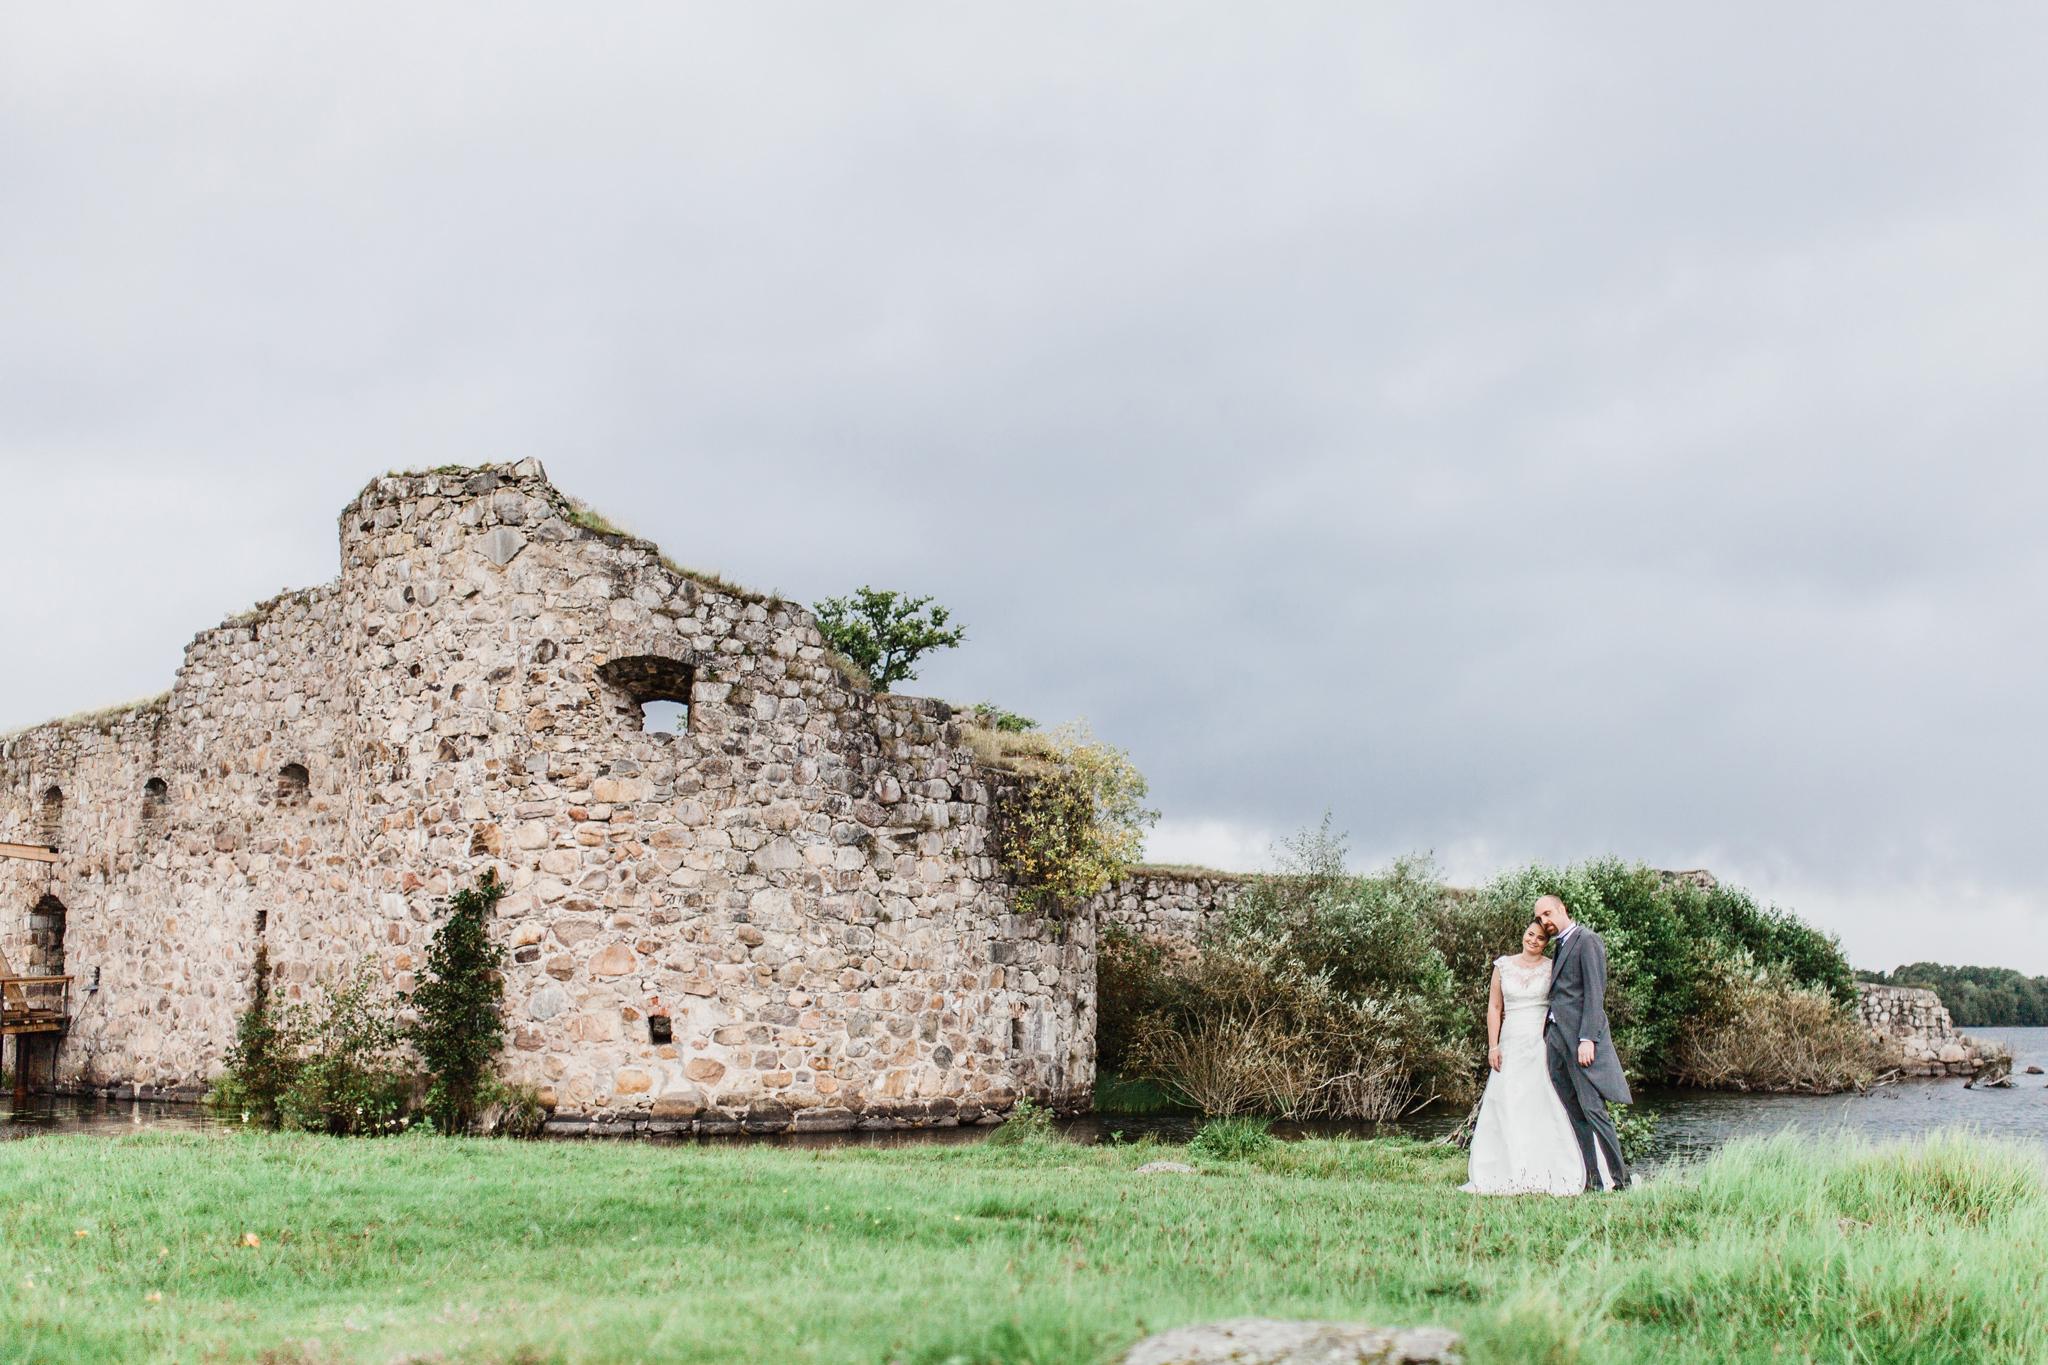 Bröllopsfotografering i Växjö vid Kronobergs slottsruin